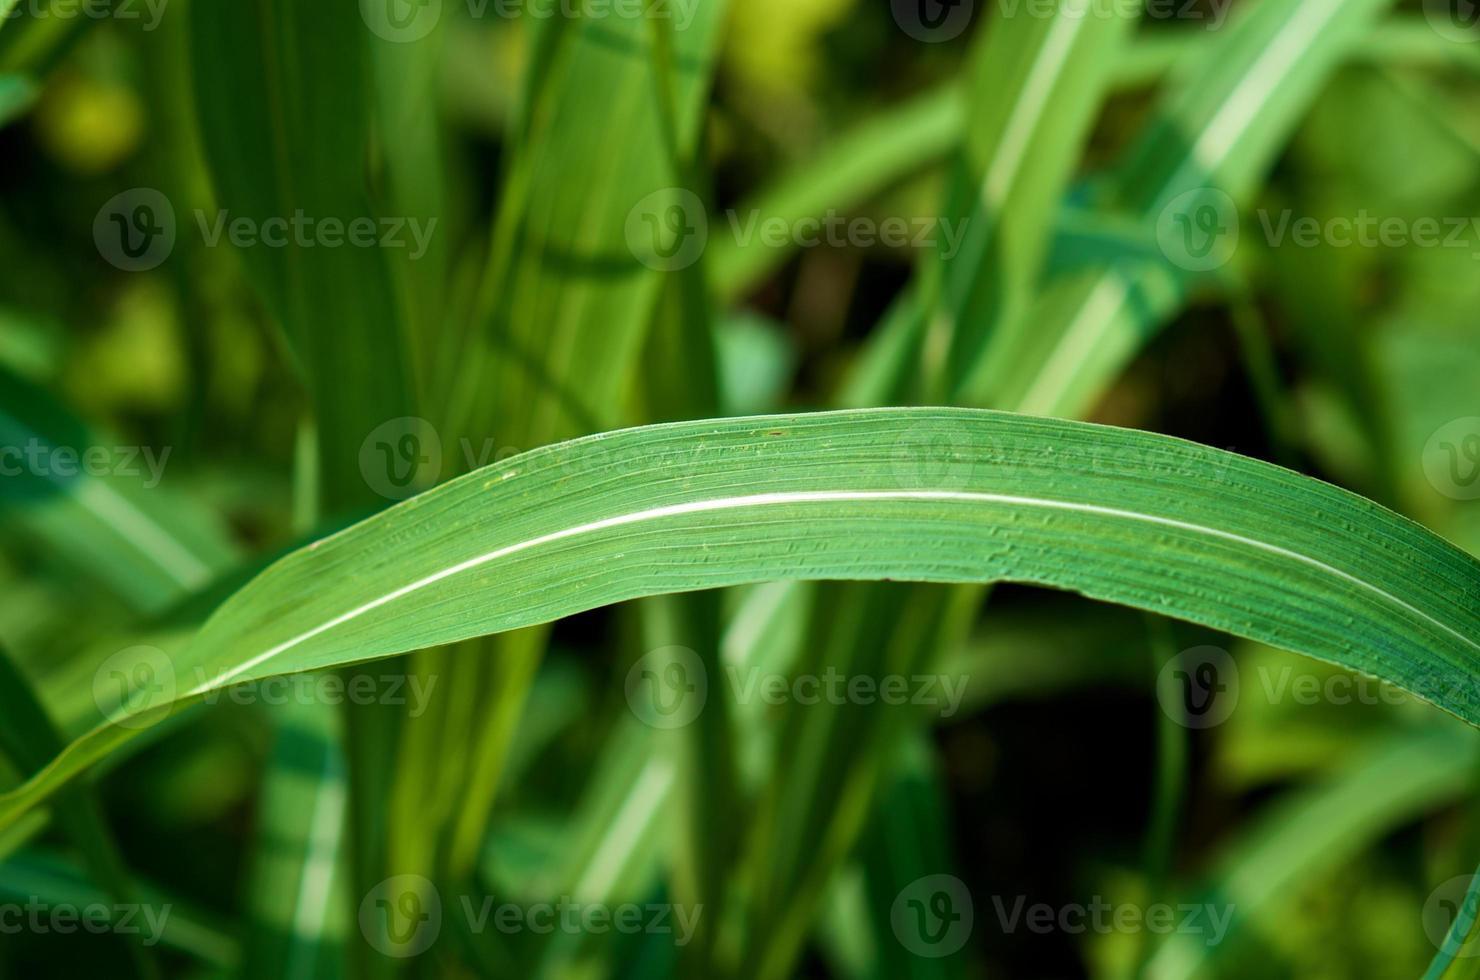 grönt blad på nära håll foto